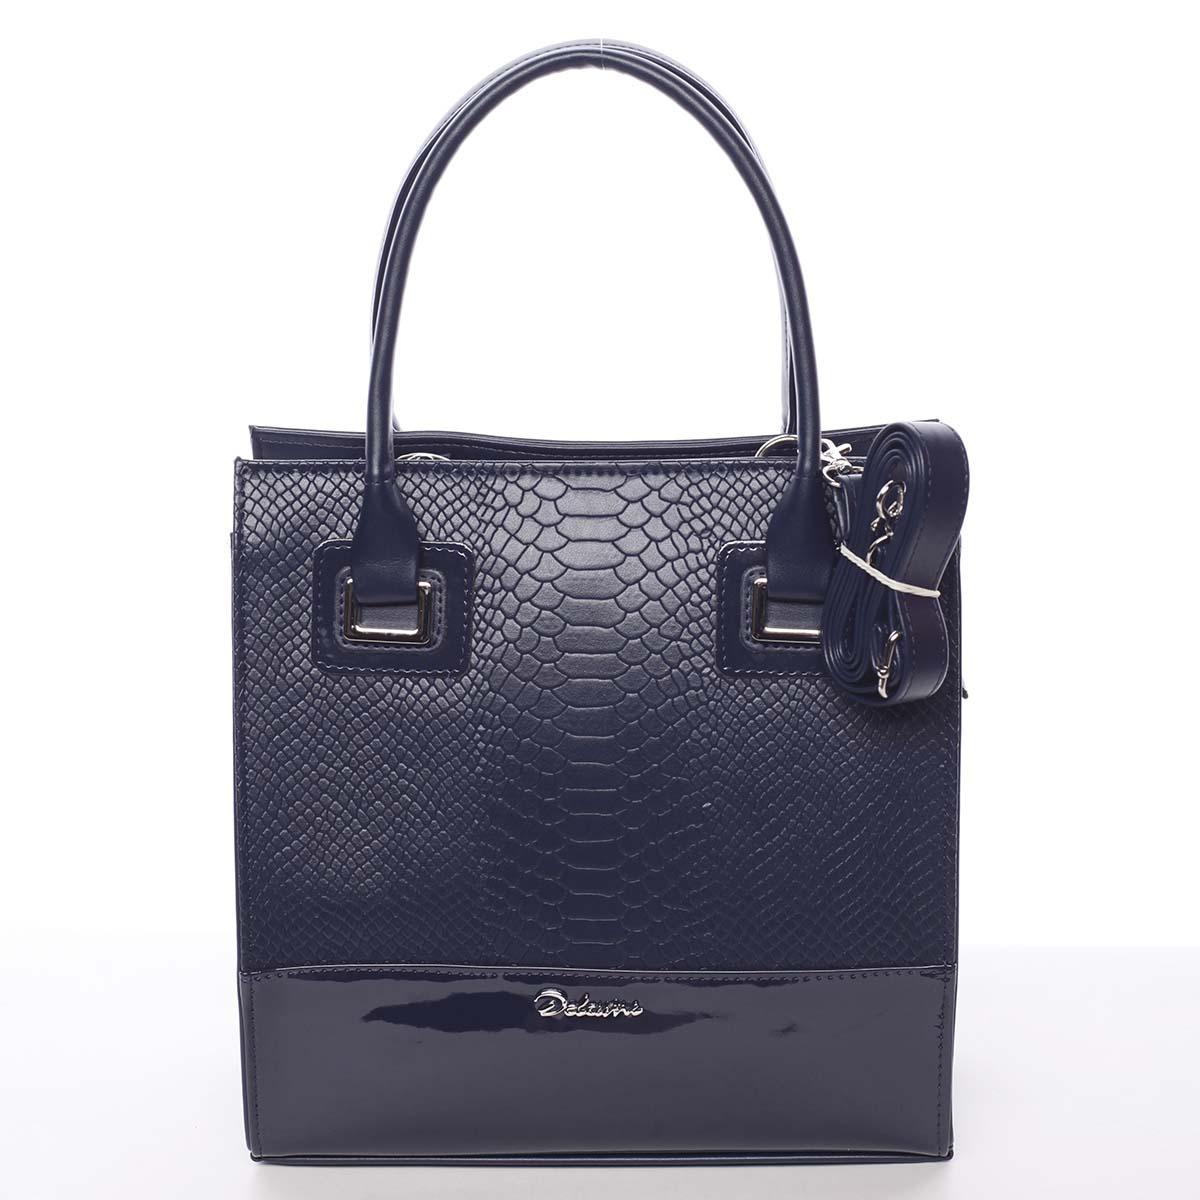 Dámská luxusní lakovaná kabelka tmavě modrá se vzorem - Delami Claudine